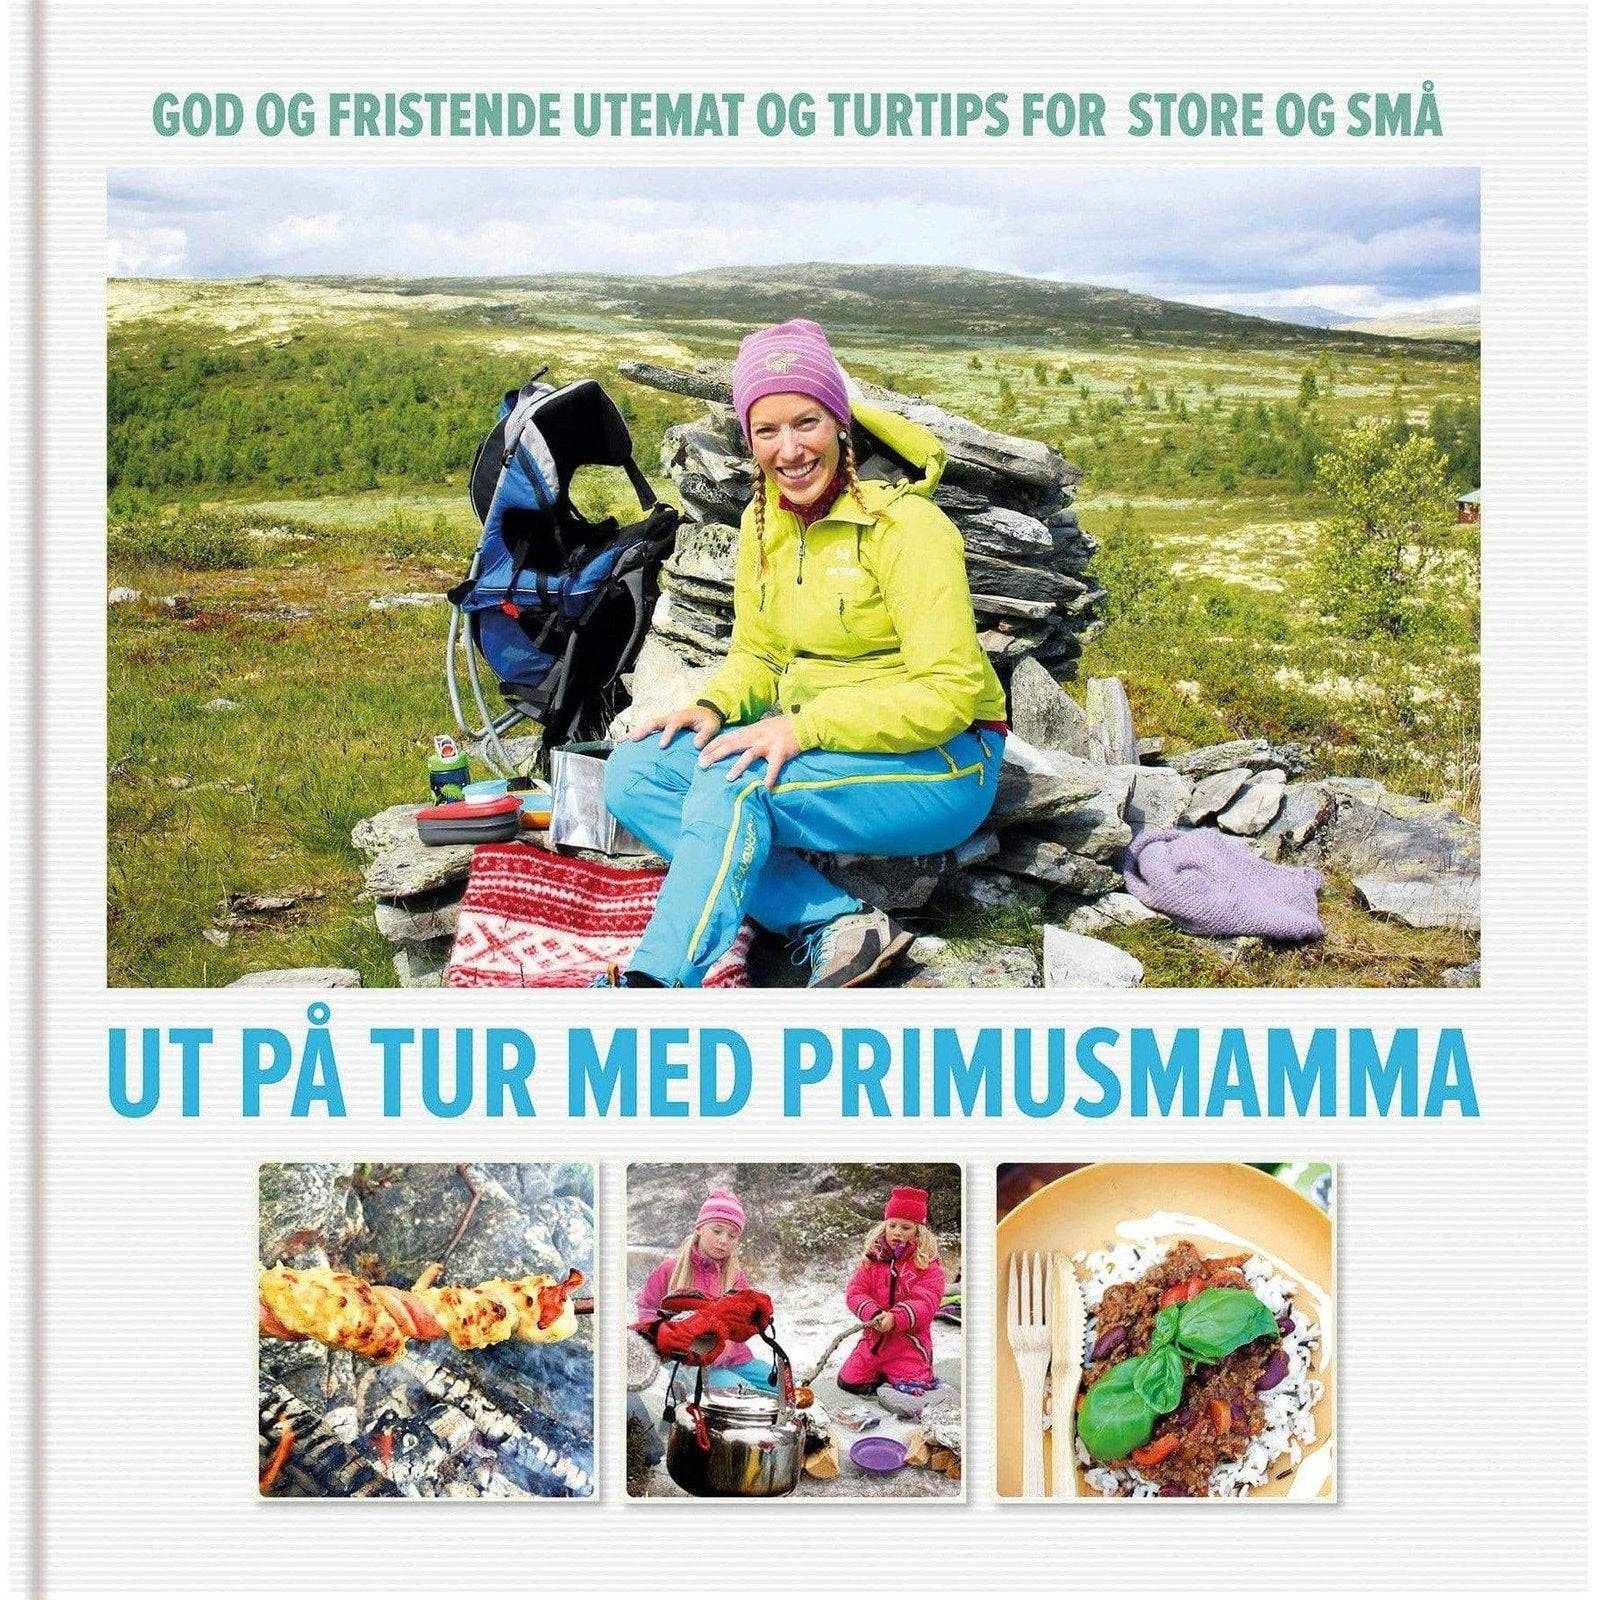 Egmont Damm Ut På Tur Med Primusmamma - Hyttefeber.No 🇳🇴